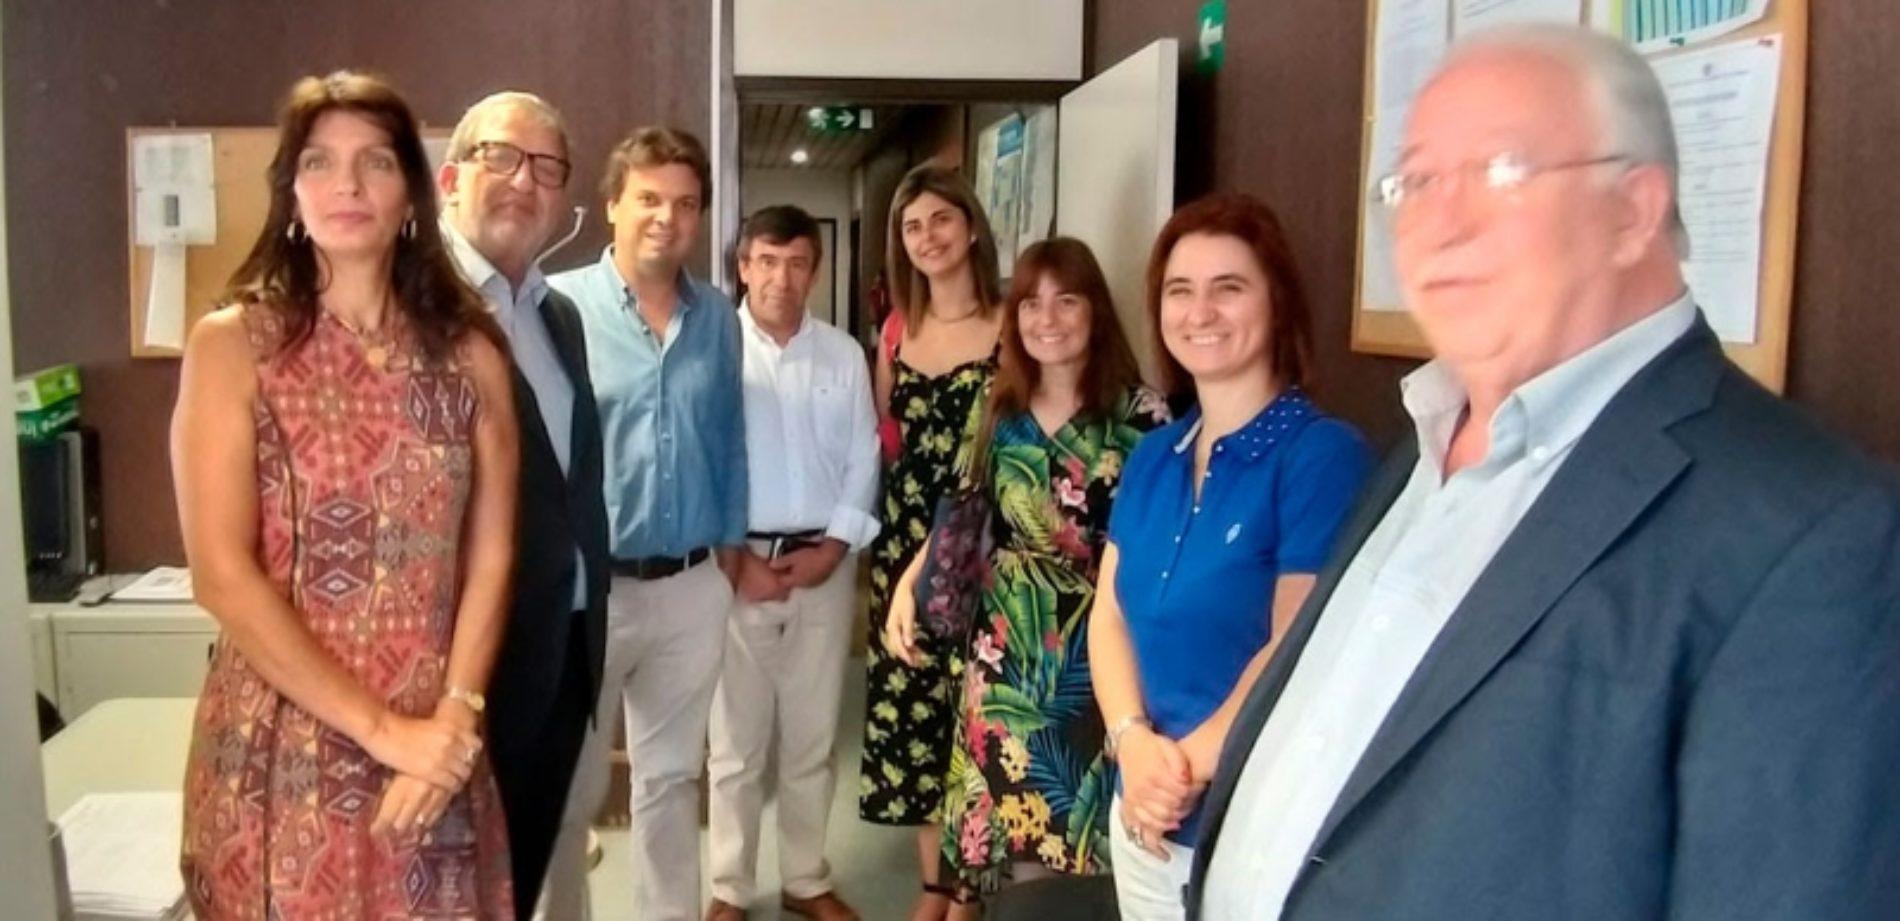 PSD: Mónica Quintela lidera lista candidata pelo círculo eleitoral de Coimbra à Assembleia da República